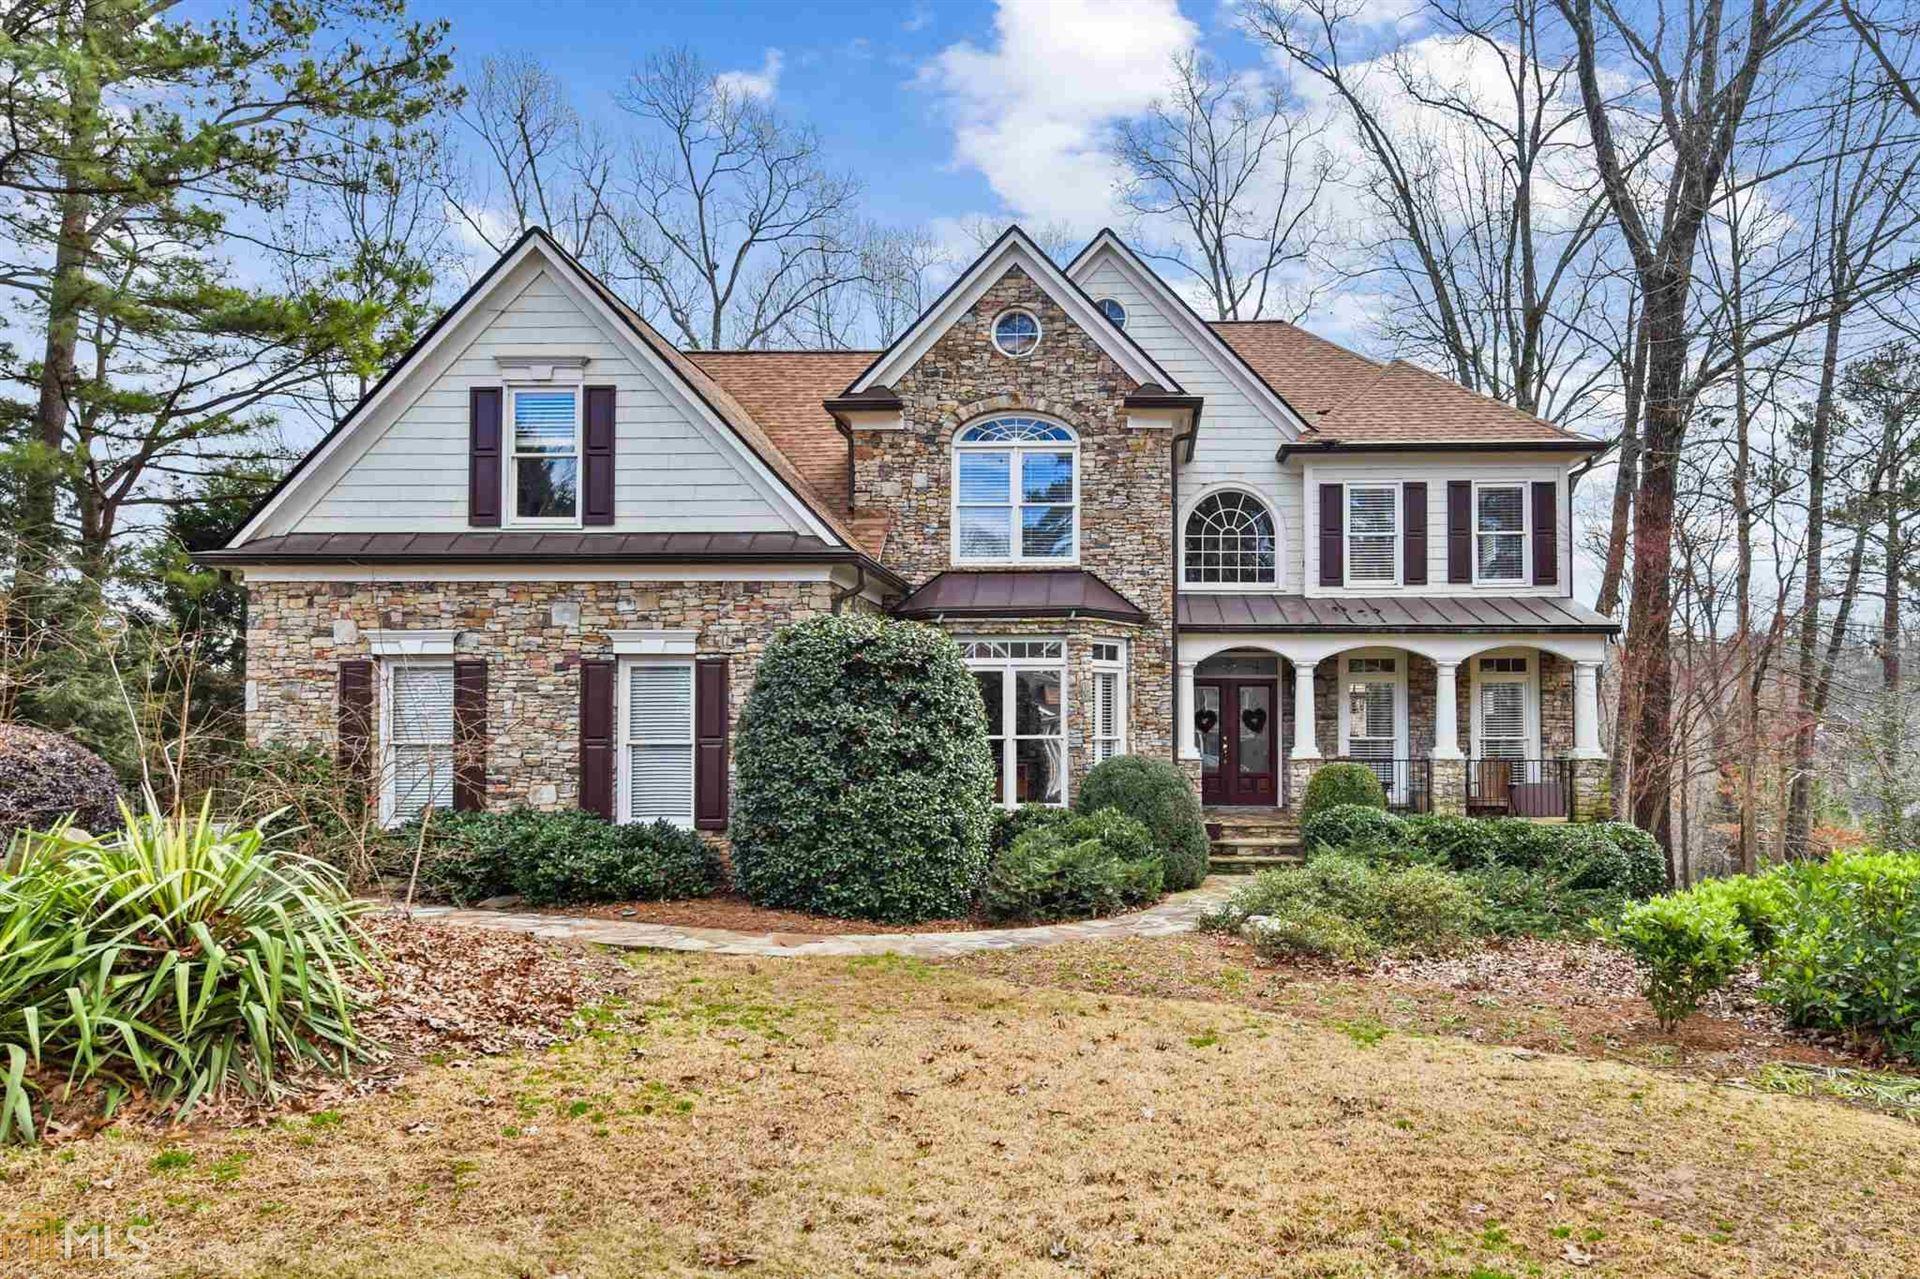 627 Vinings Estates Dr, Mableton, GA 30126 - MLS#: 8928336